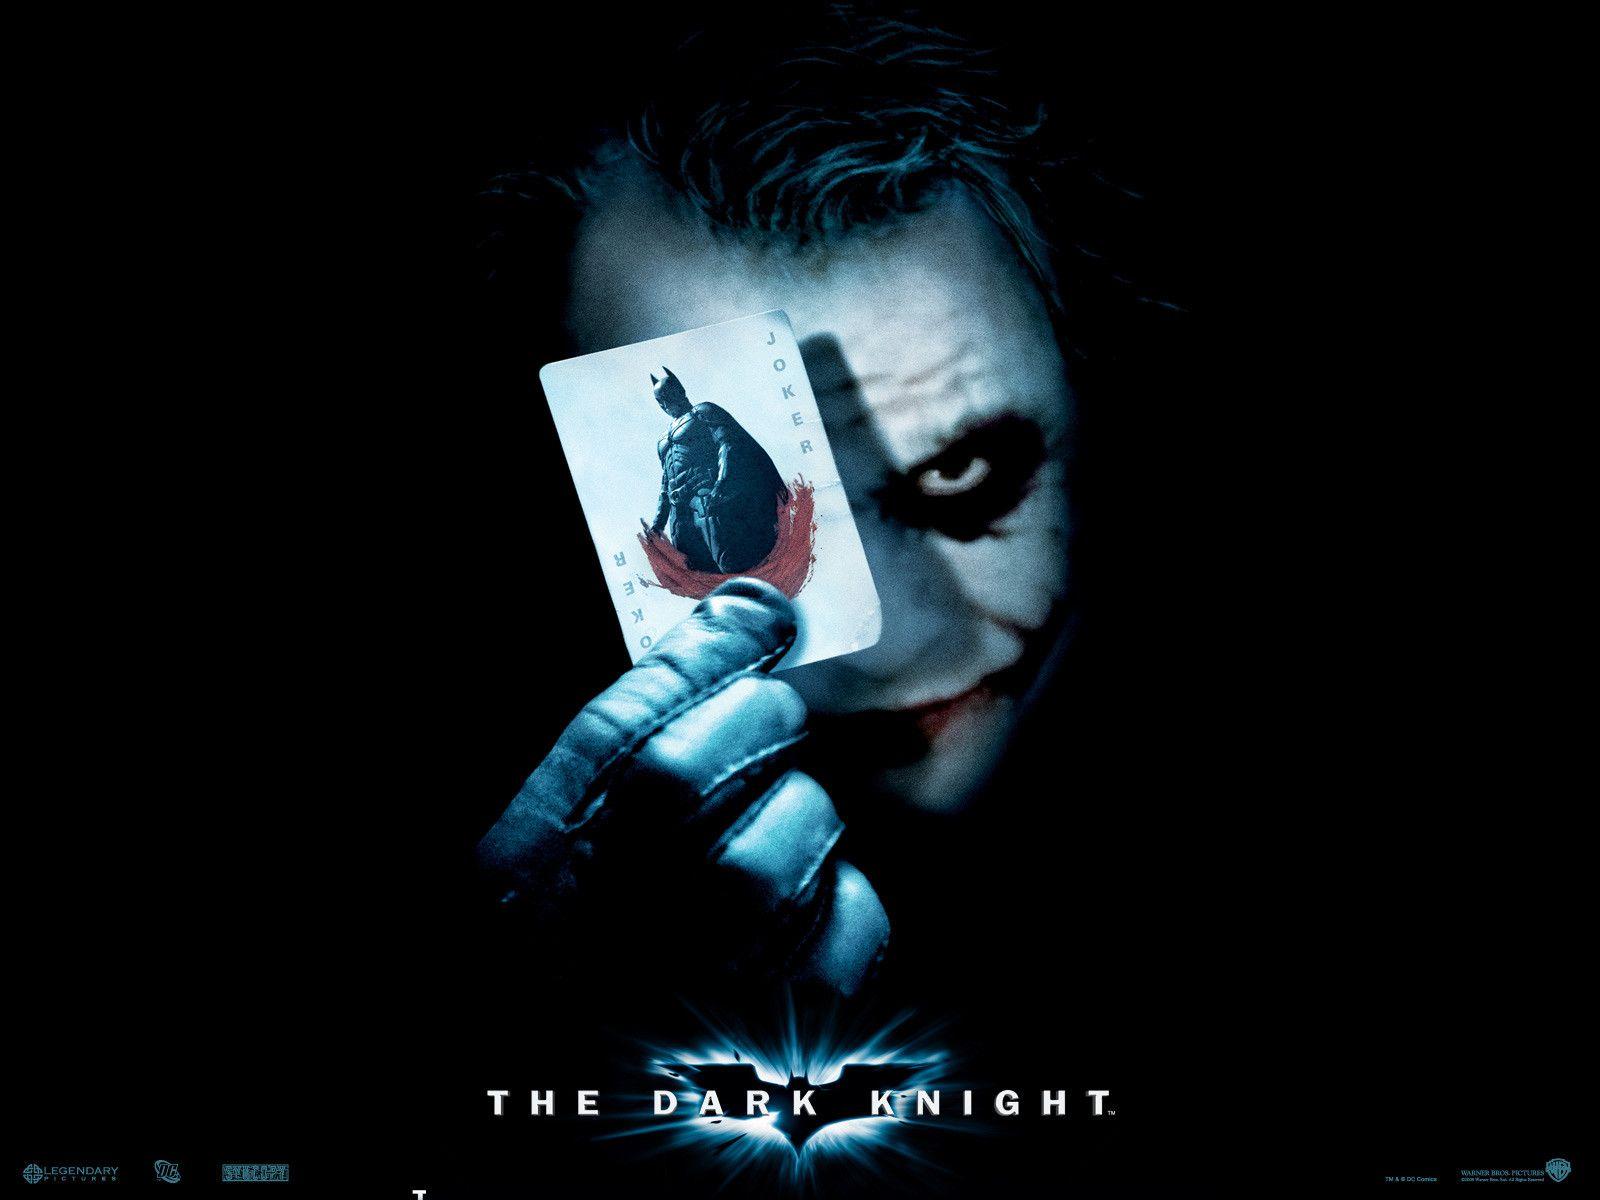 Joker Batman Card Poster Wallpaper 1600x1200